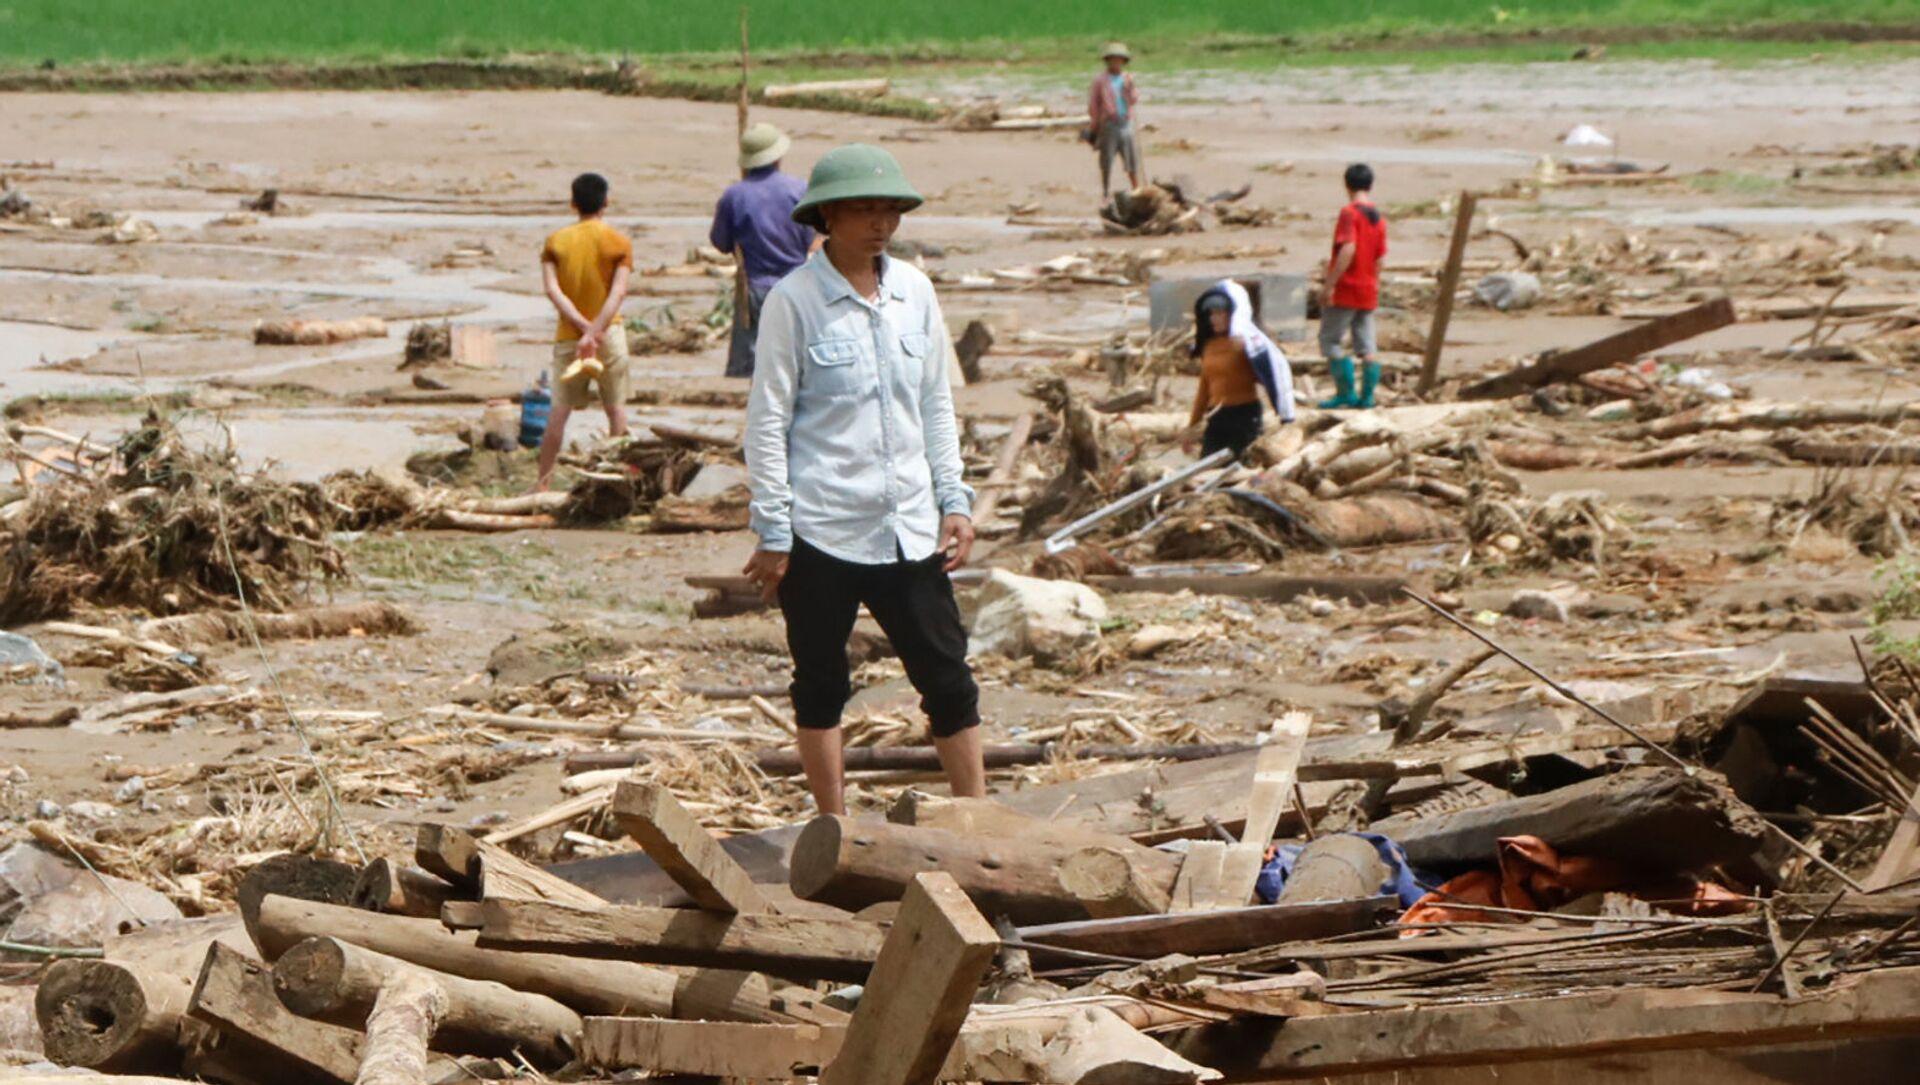 Lũ lụt tại tỉnh Yên Bái, Việt Nam - Sputnik Việt Nam, 1920, 24.04.2021